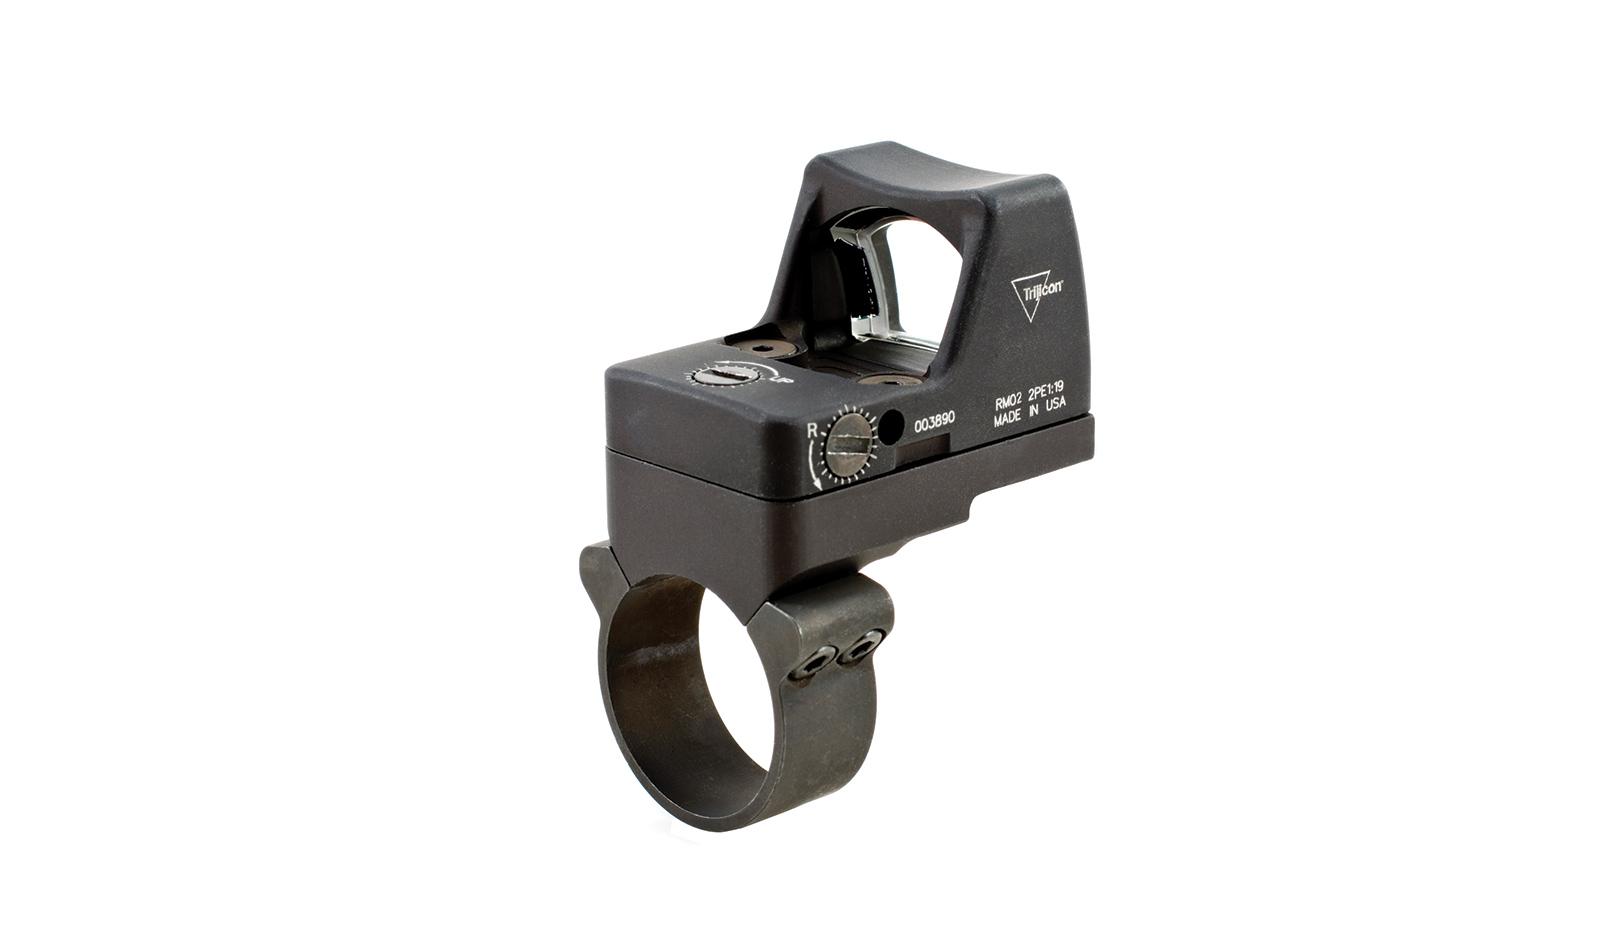 RM02-C-700612 angle 3